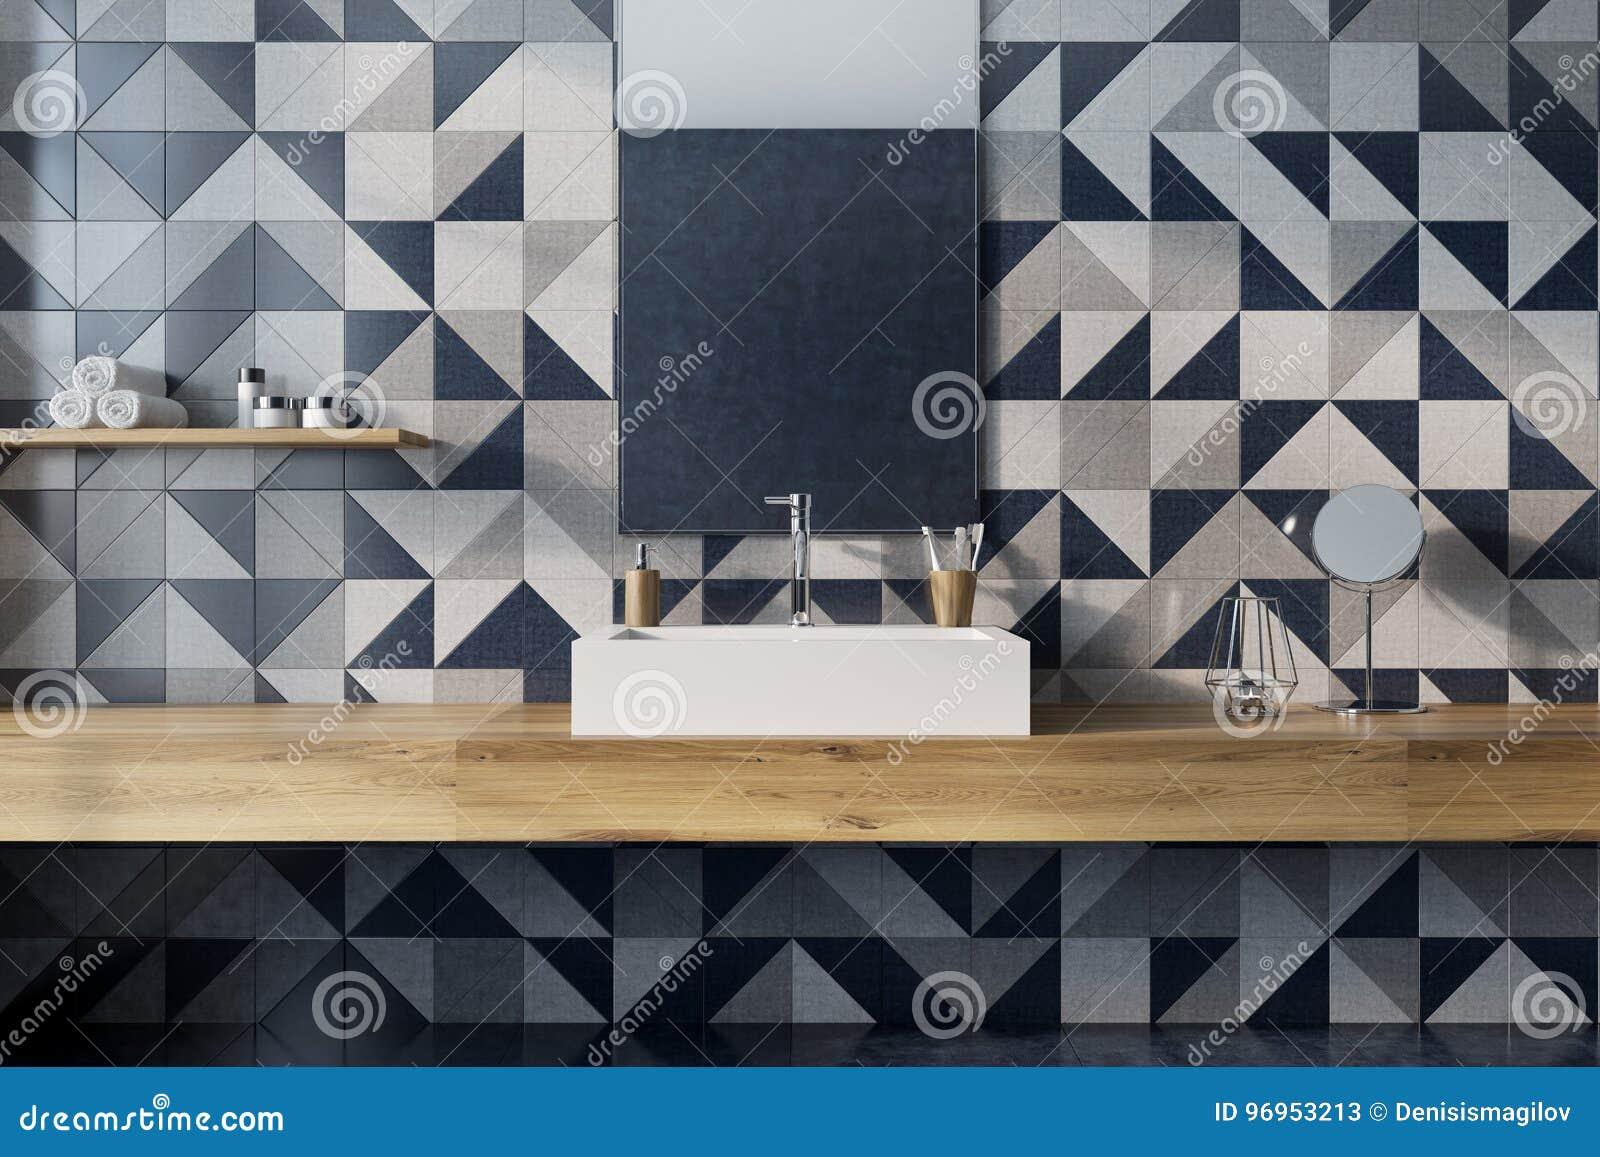 Bagno Legno E Mosaico : Interno di lusso del bagno parete del mosaico legno